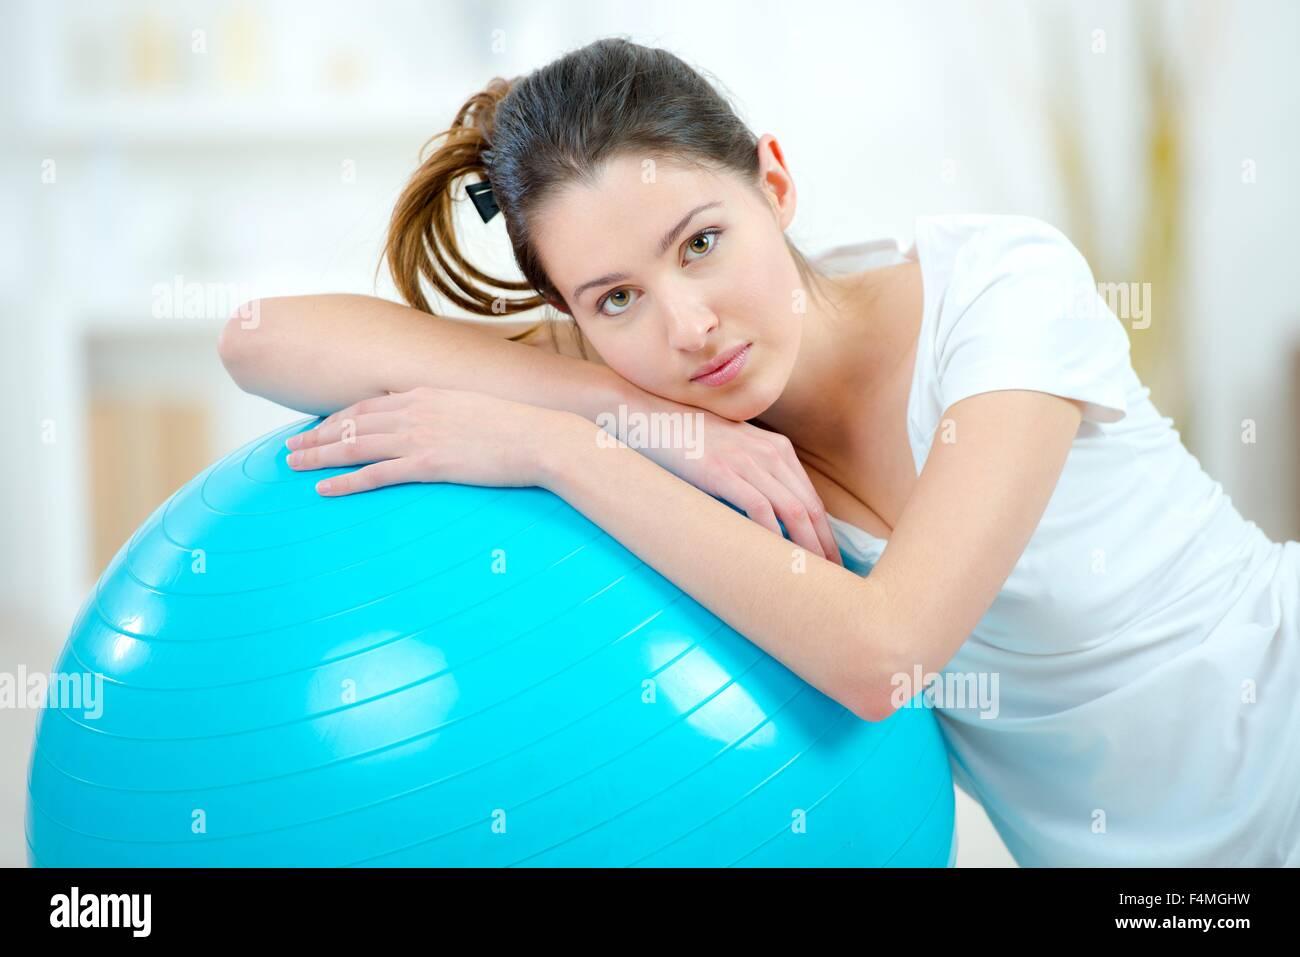 Ragazza appoggiata sulla sfera di aerobica Immagini Stock